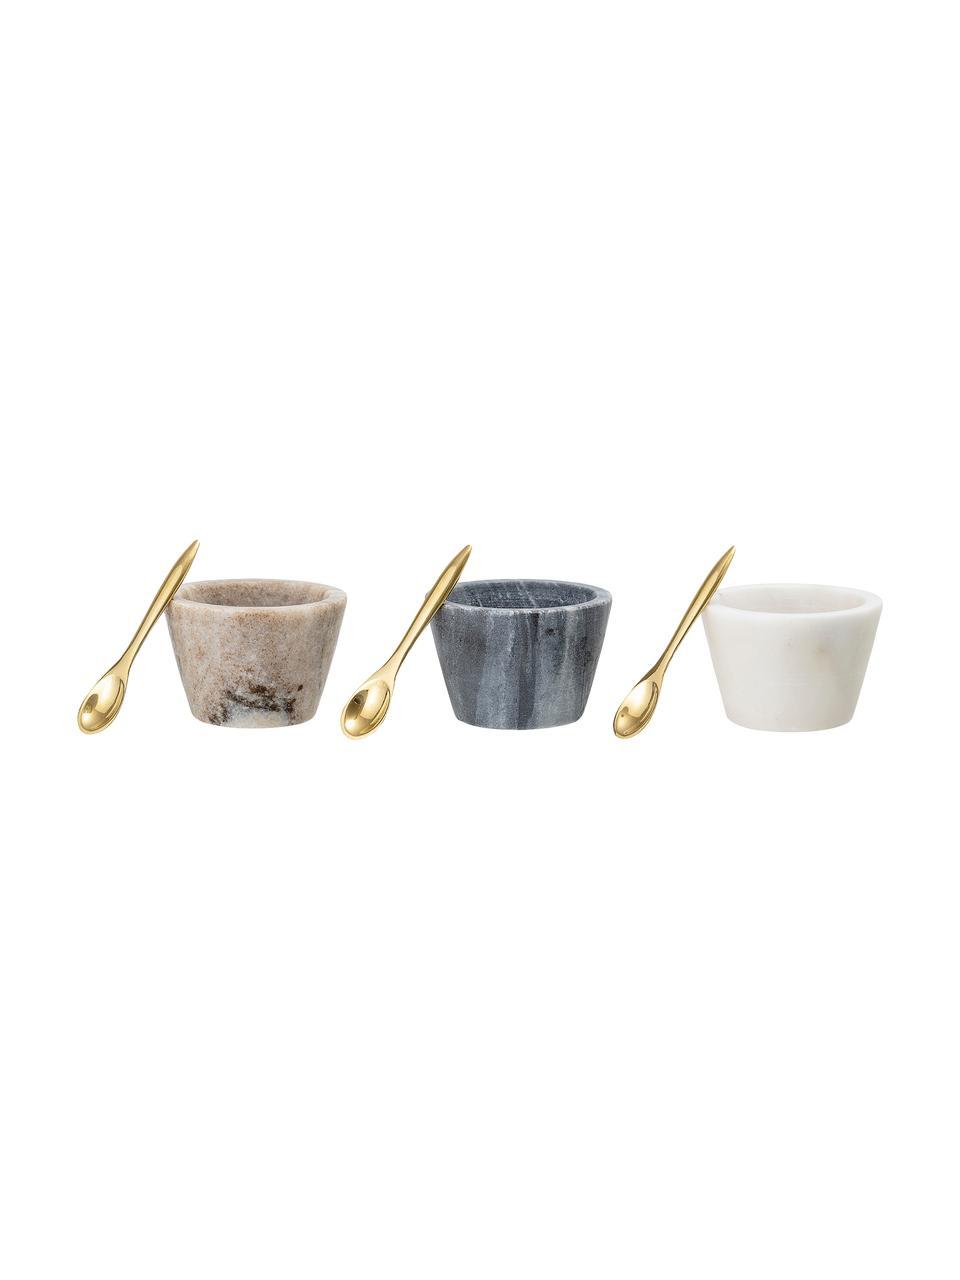 Marmor-Schälchen Janina mit Löffelchen in Gold, 3er-Set, Schälchen: Marmor, Mehrfarbig, Ø 8 x H 5 cm